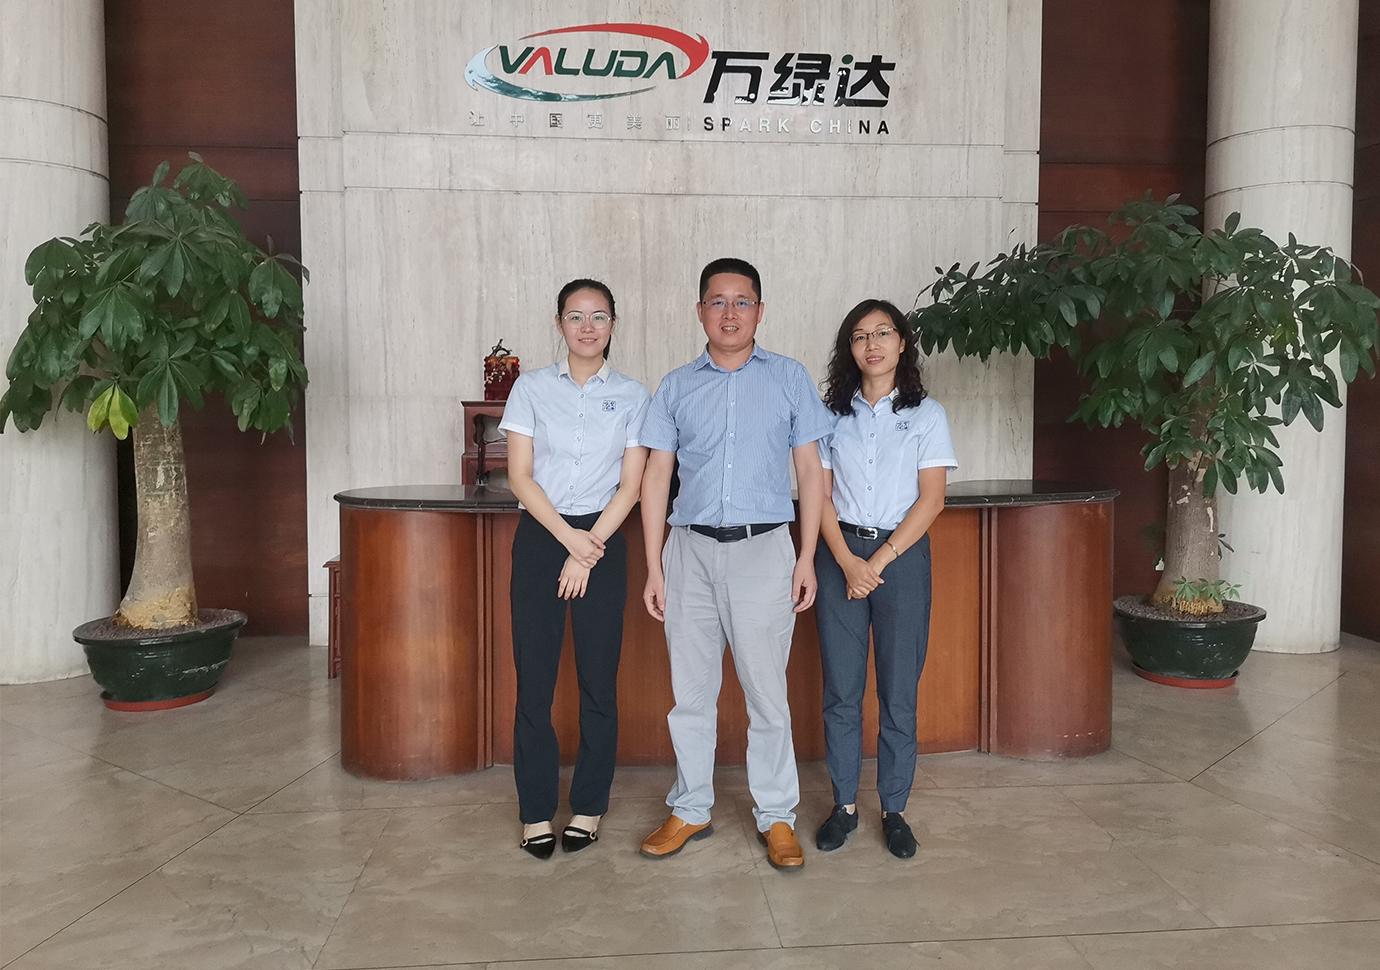 广州市万绿达集团有限公司 (1)